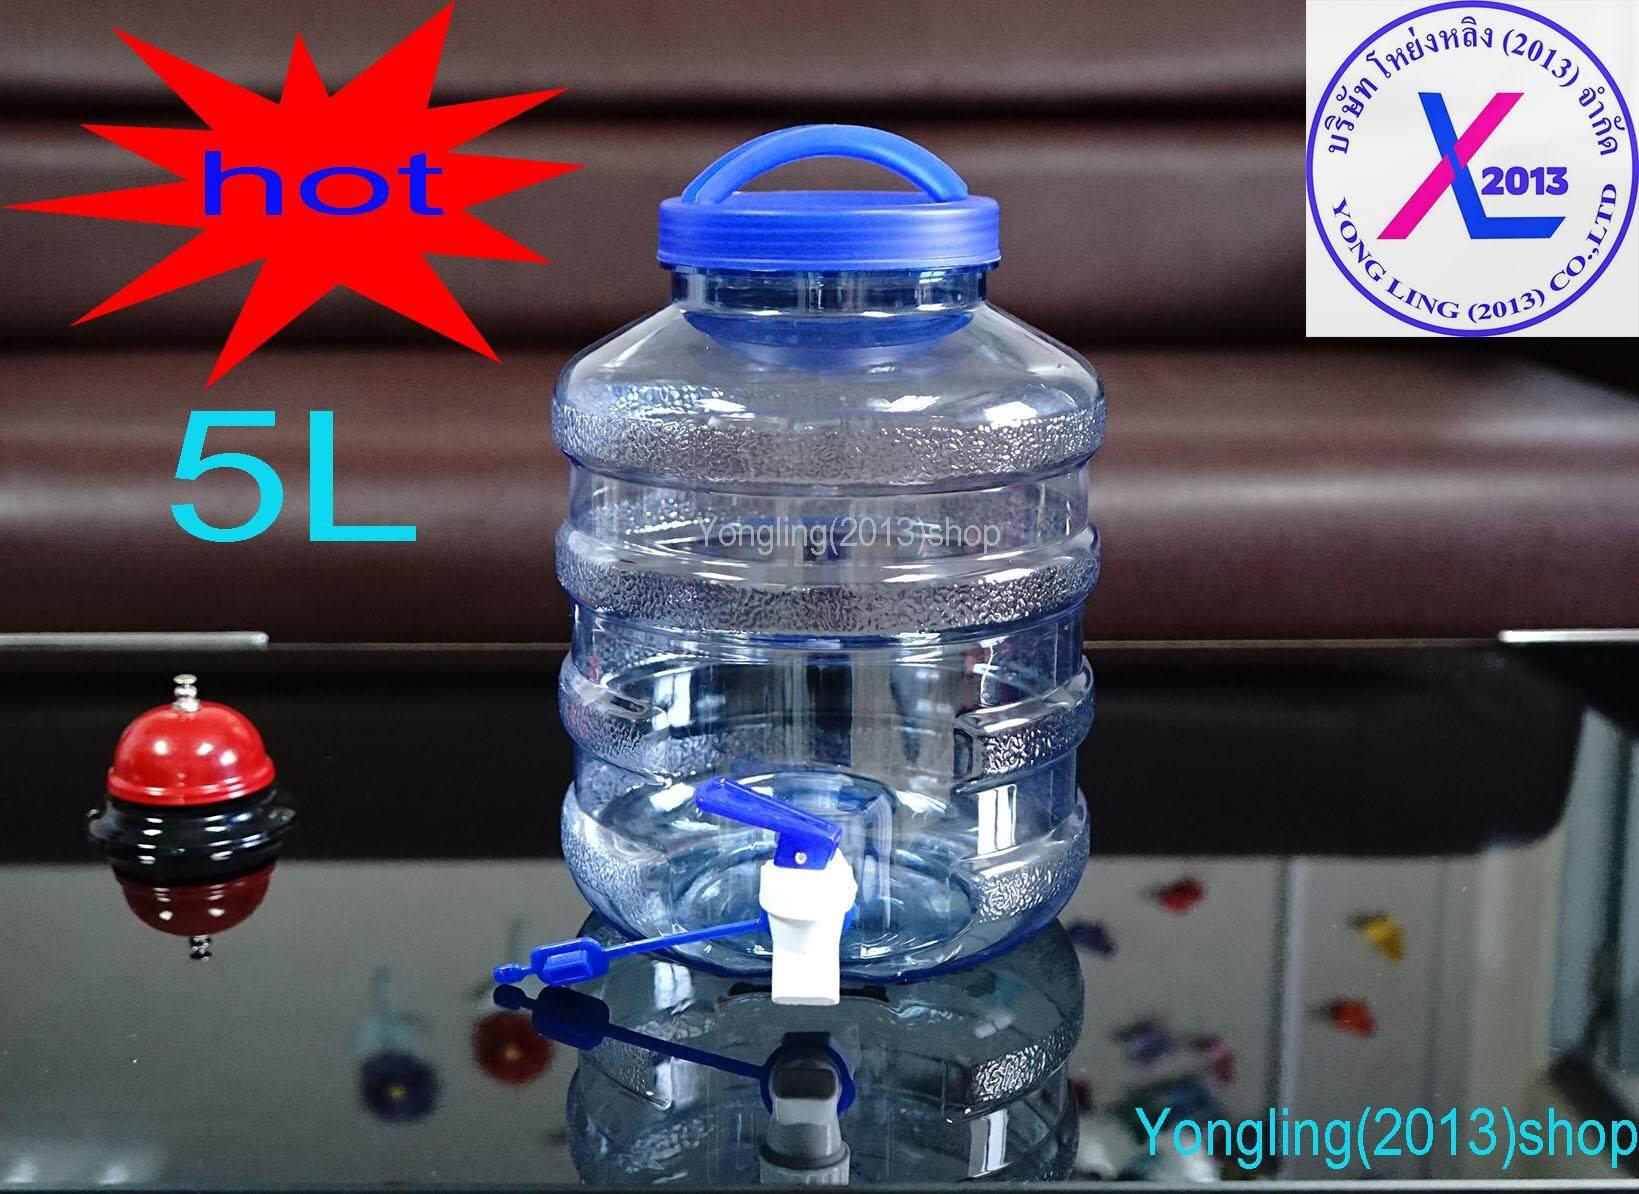 ถังน้ำดื่ม Pet ขนาด 5 ลิตร ถังน้ำมีก๊อกพร้อมหูหิ้ว สำหรับใส่น้ำดื่ม รุ่น ลาย 1.